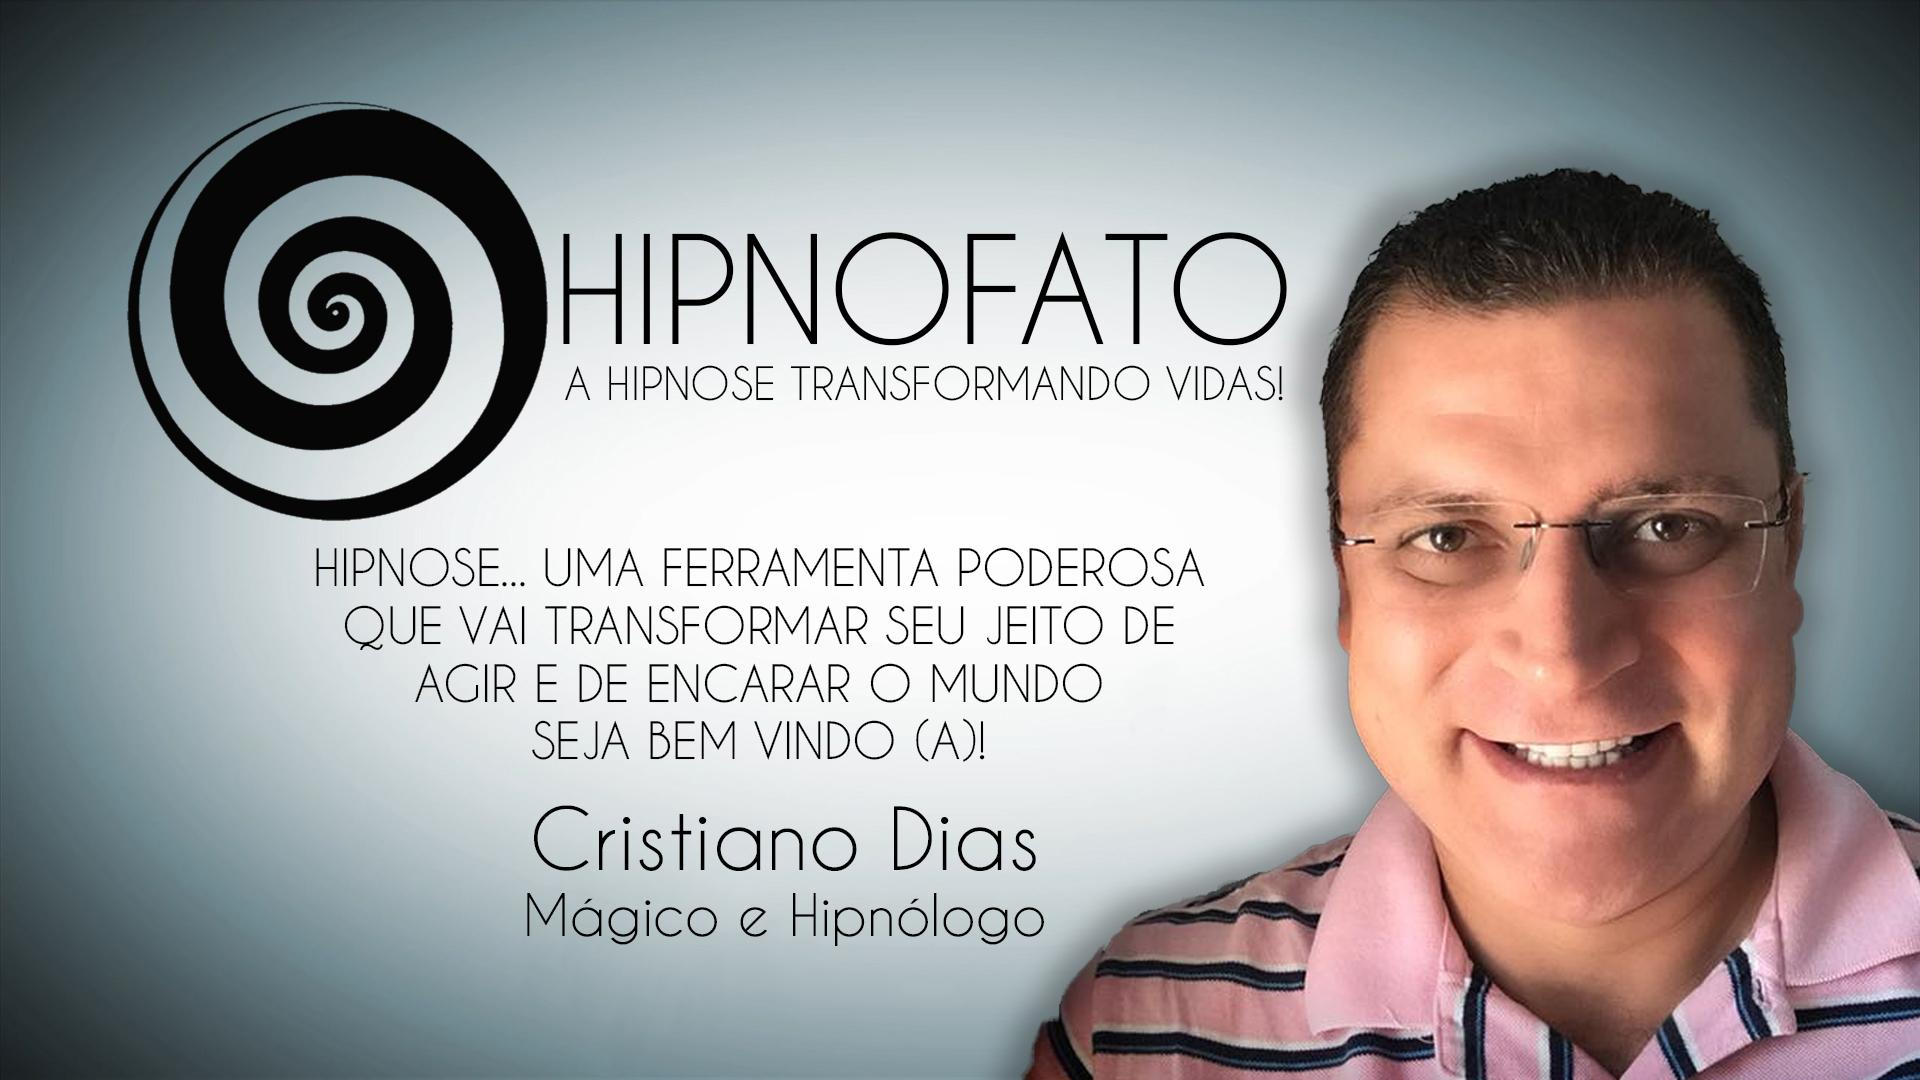 HIPNOFATO